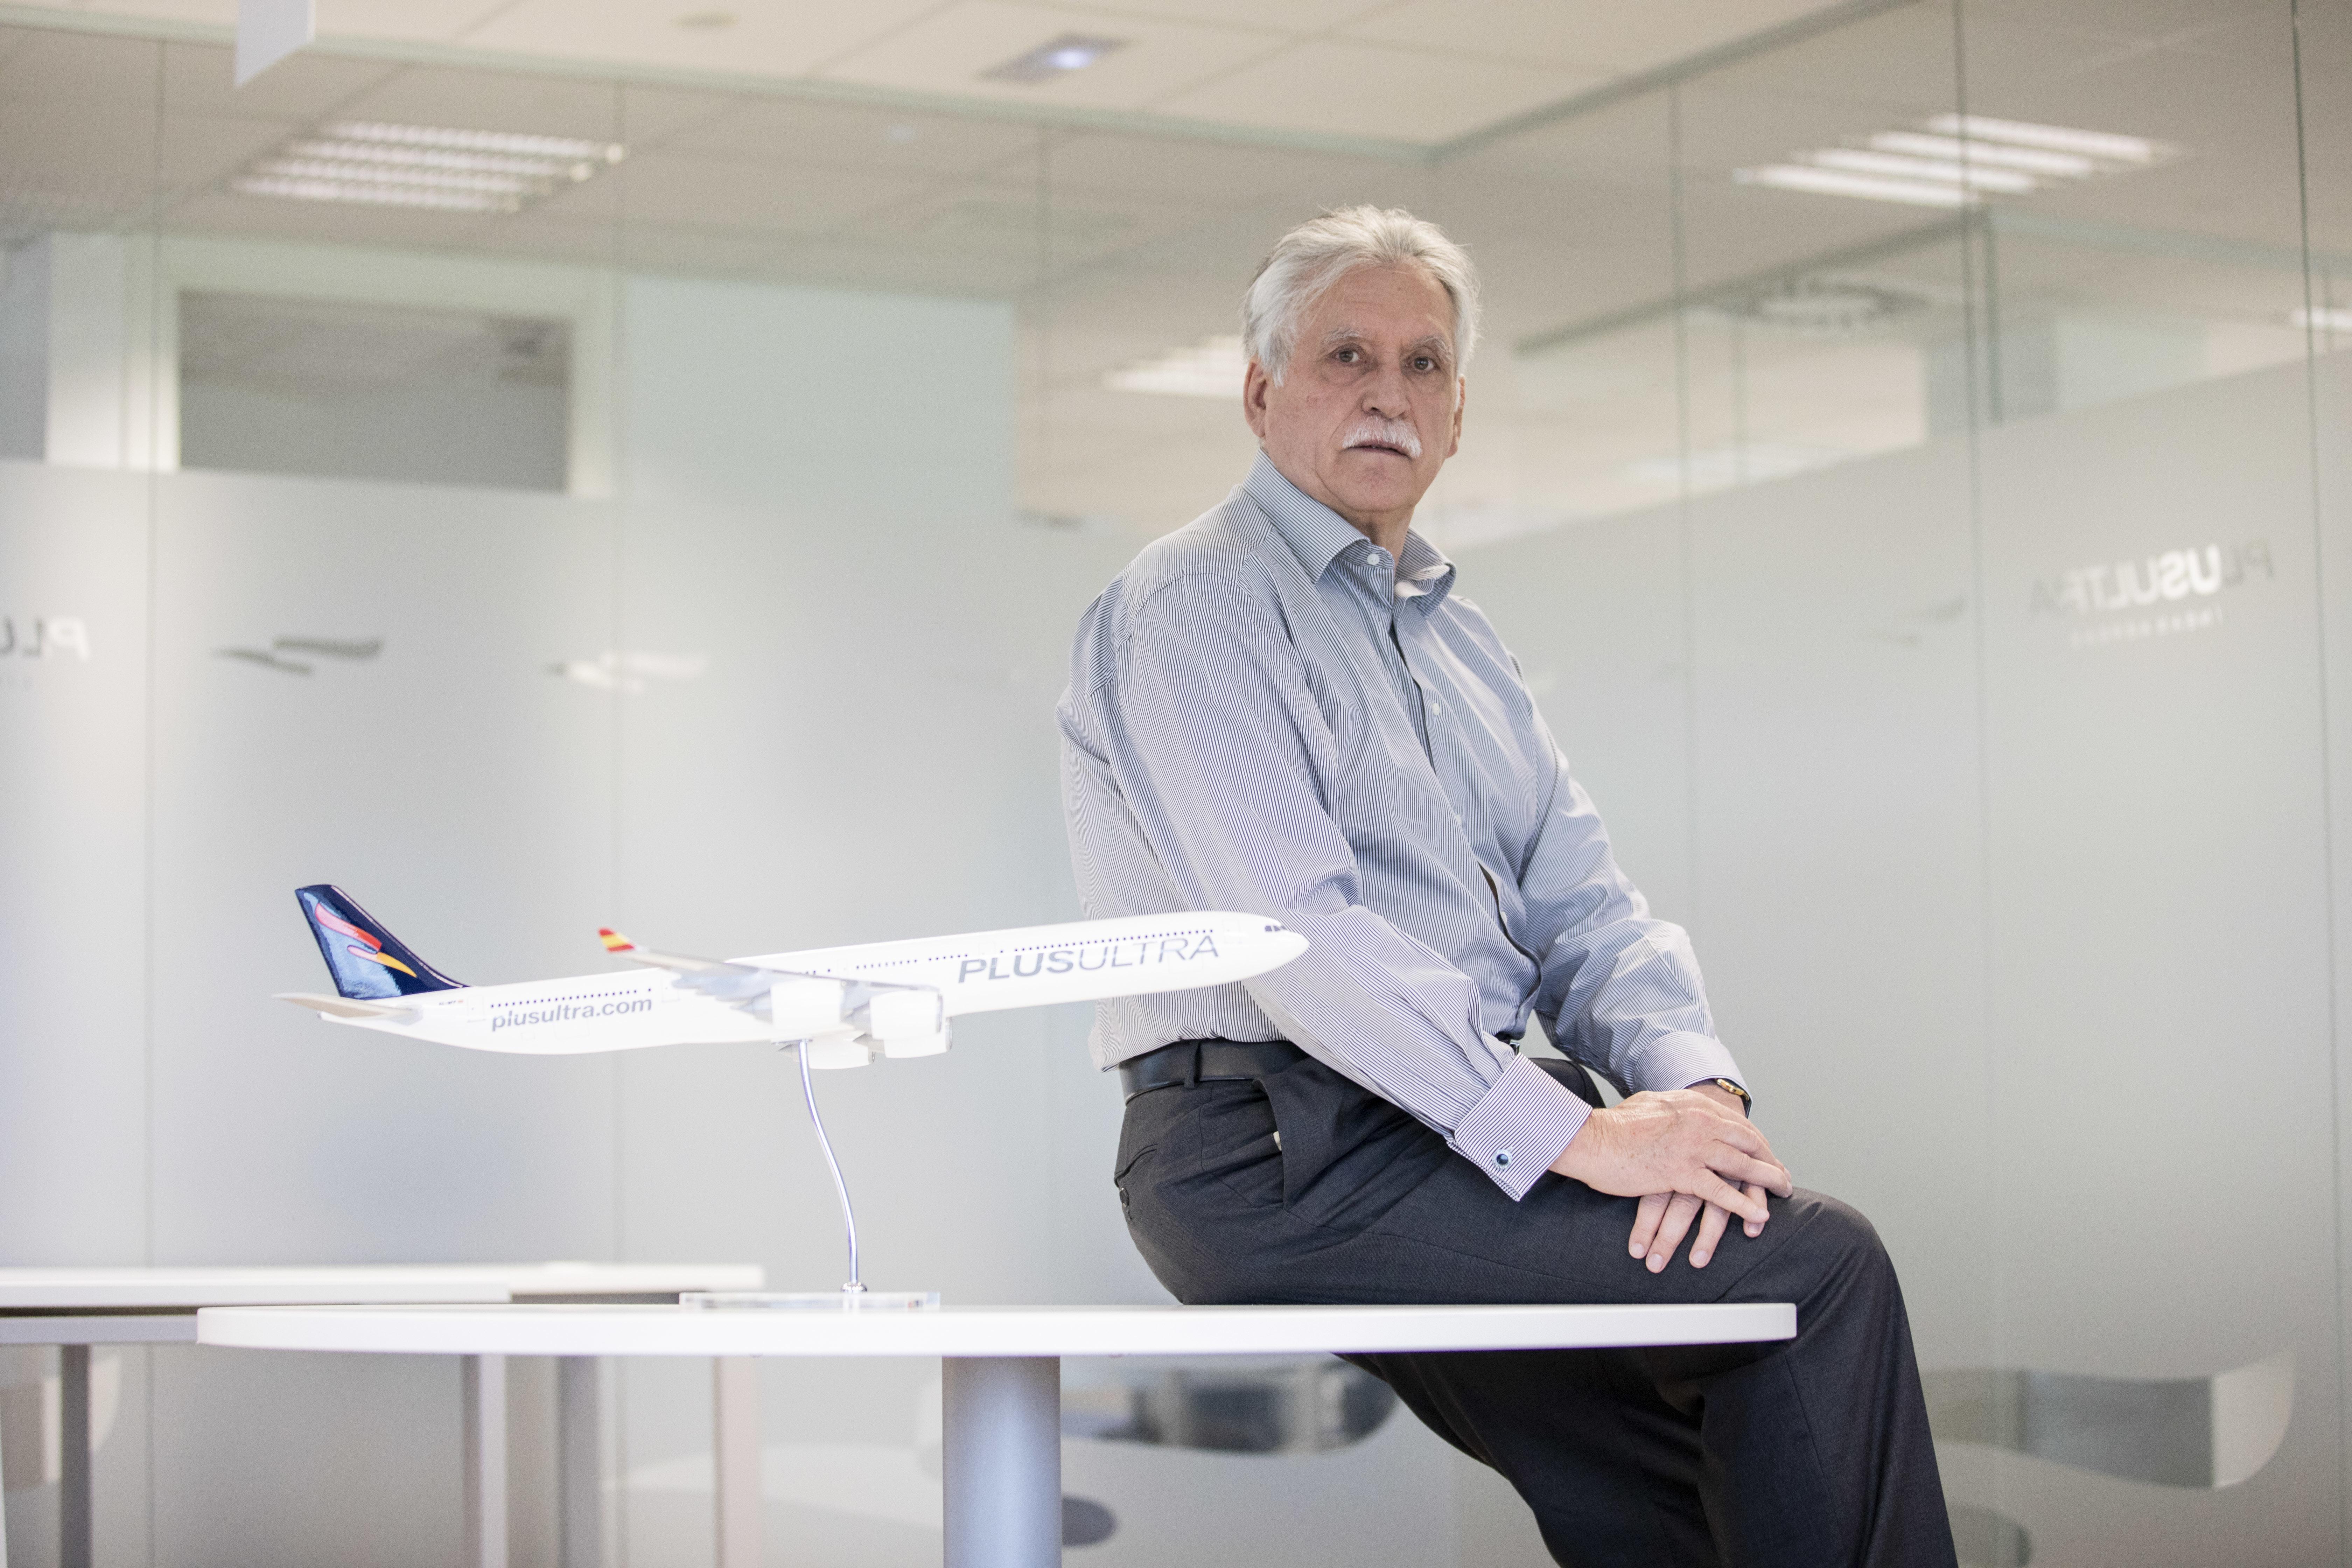 Alberto Di Lolli. 14/4/2021, Madrid. Entrevista al presidente la compania aerea Plus Ultra, Fernando  lt;HIT gt;Garcia lt;/HIT gt;  lt;HIT gt;Manso lt;/HIT gt;